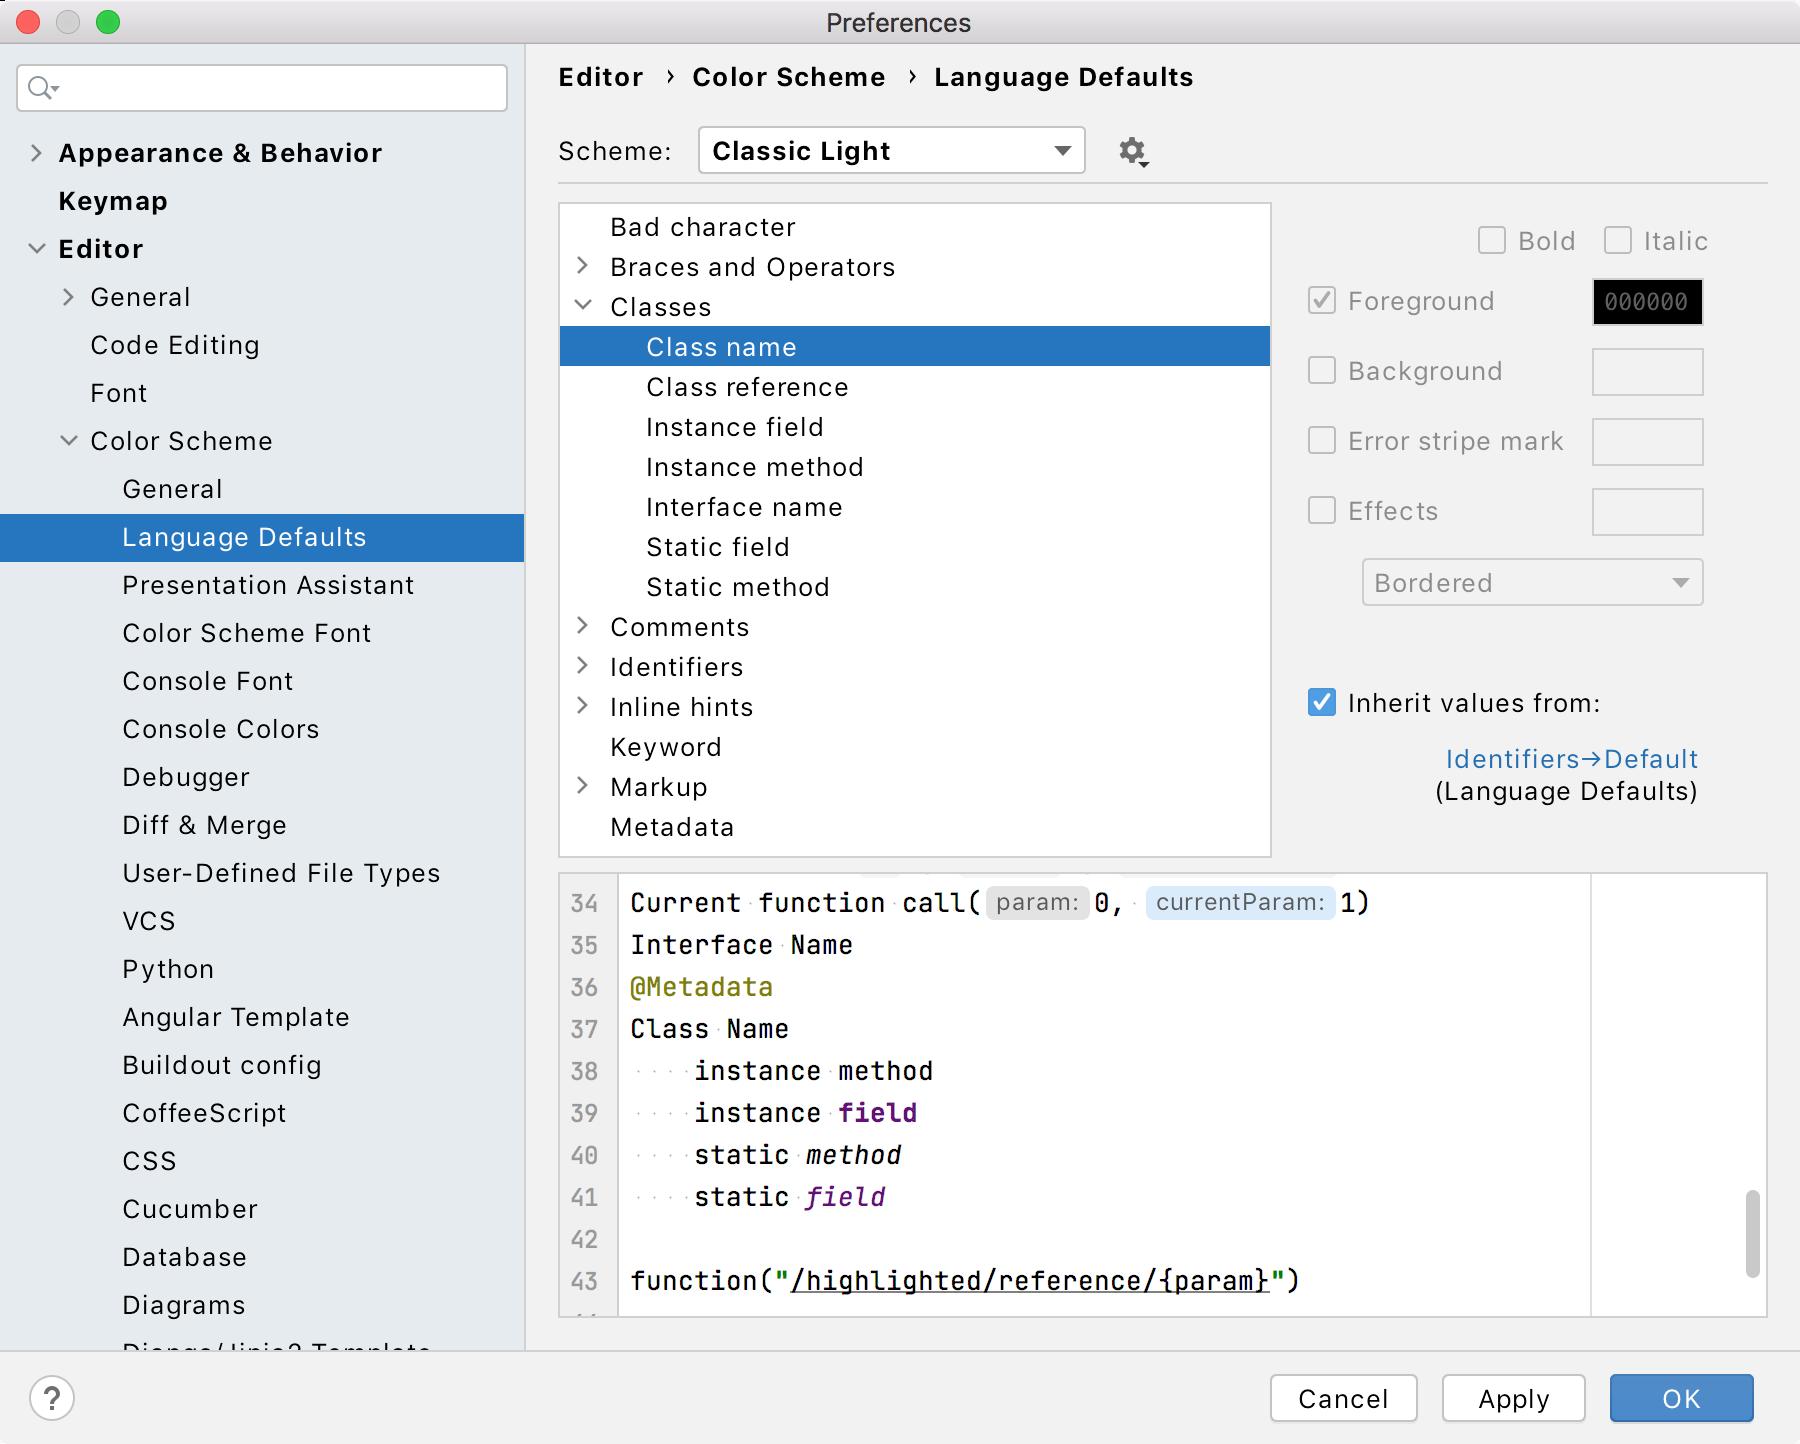 Language Defaults section under Color Scheme settings